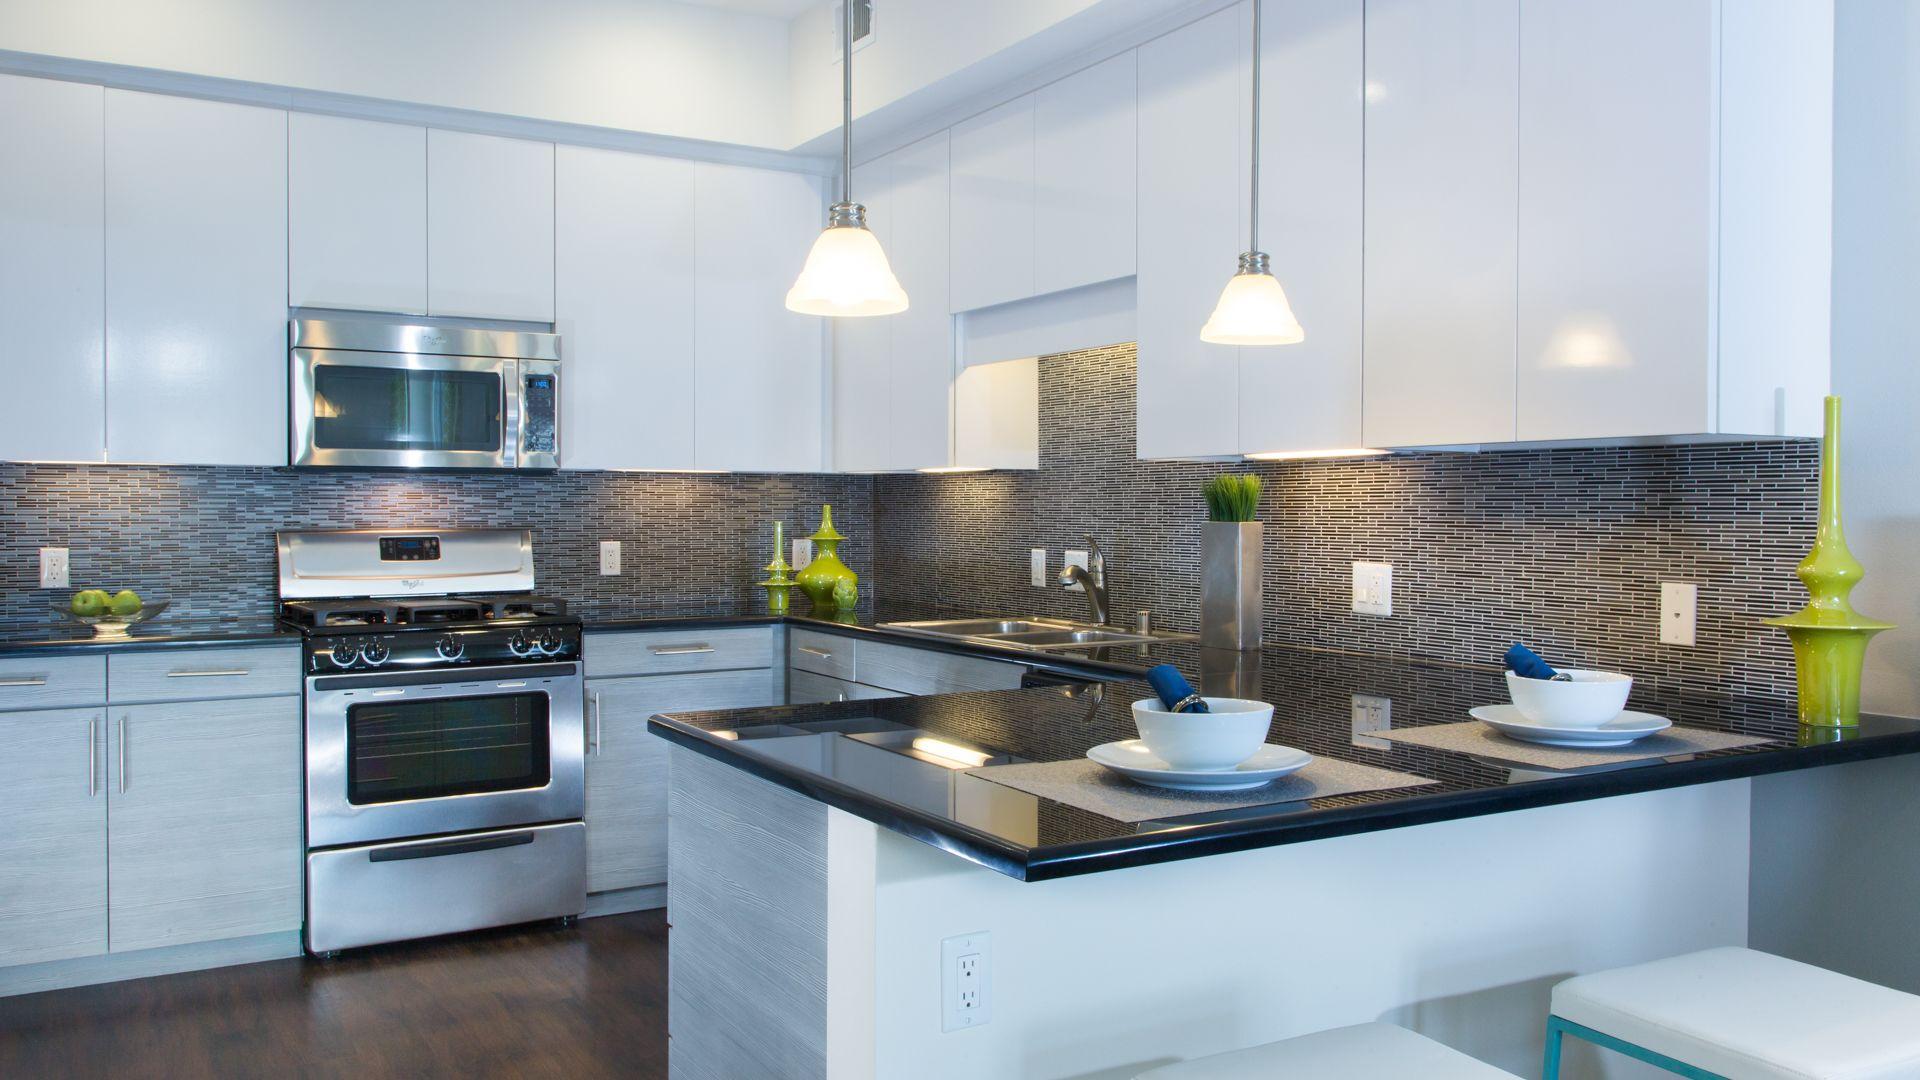 Domain Apartments - San Jose - 1 Vista Montana | EquityApartments.com